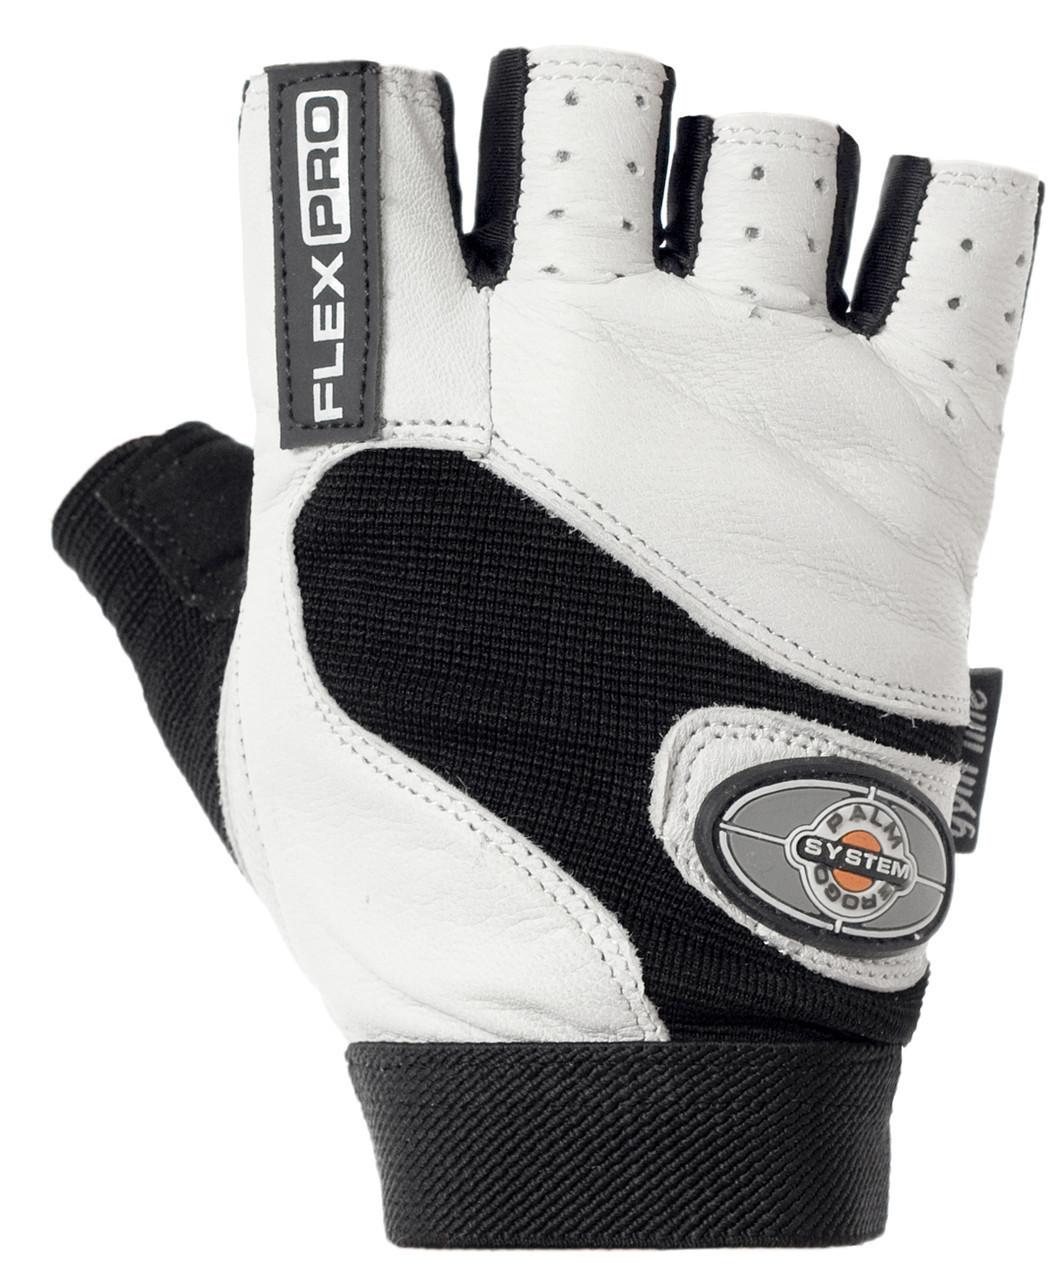 Перчатки для фитнеса и тяжелой атлетики Power System Flex Pro PS-2650 S White